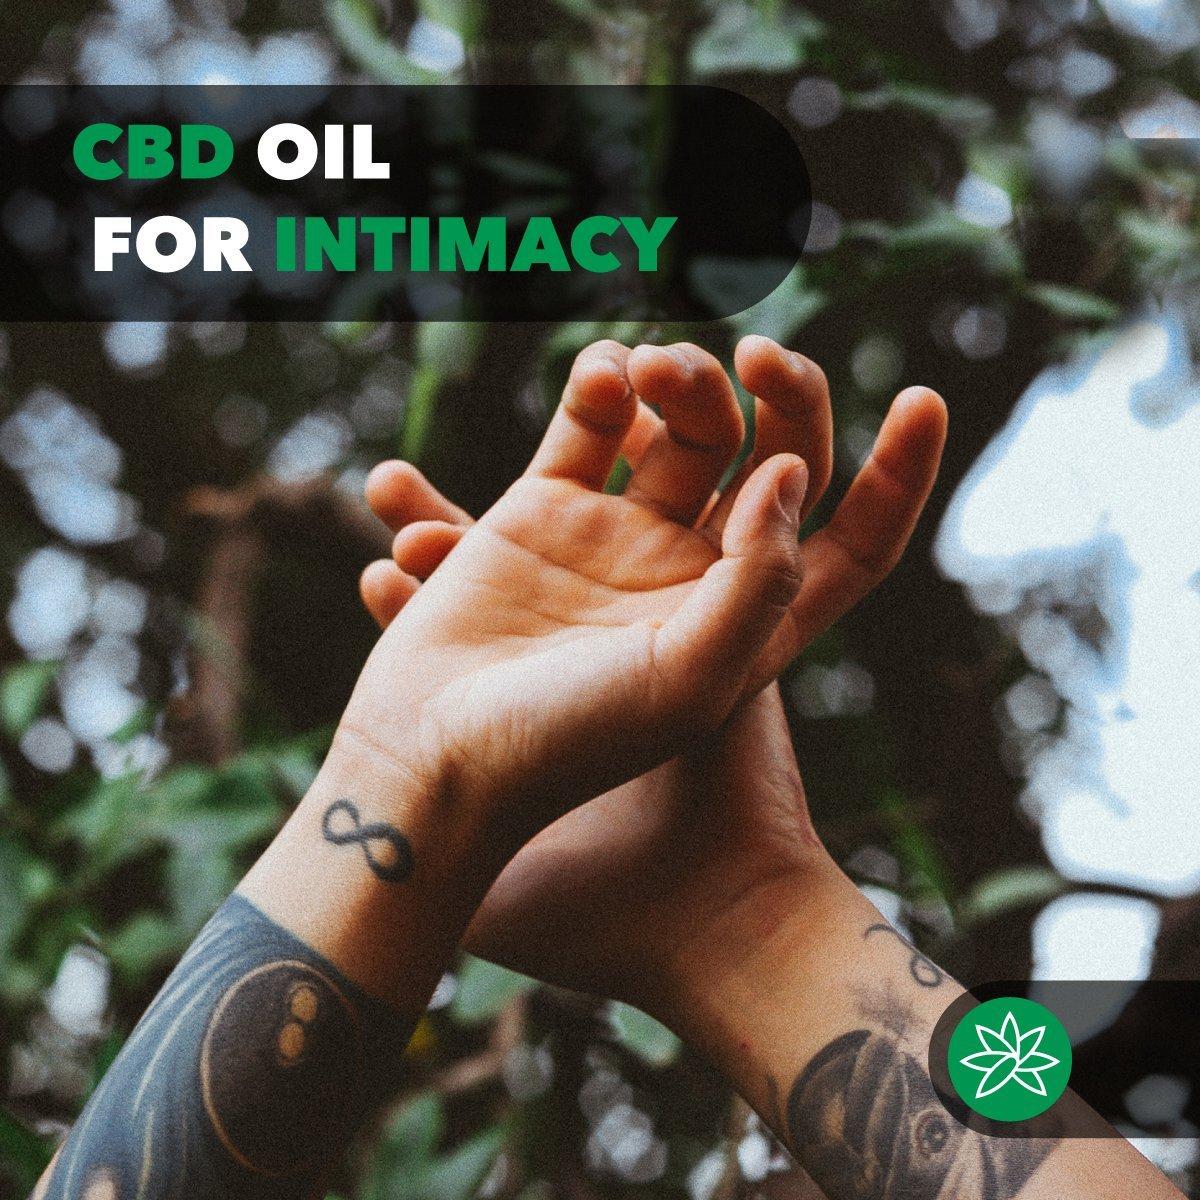 CBD oil for intimacy